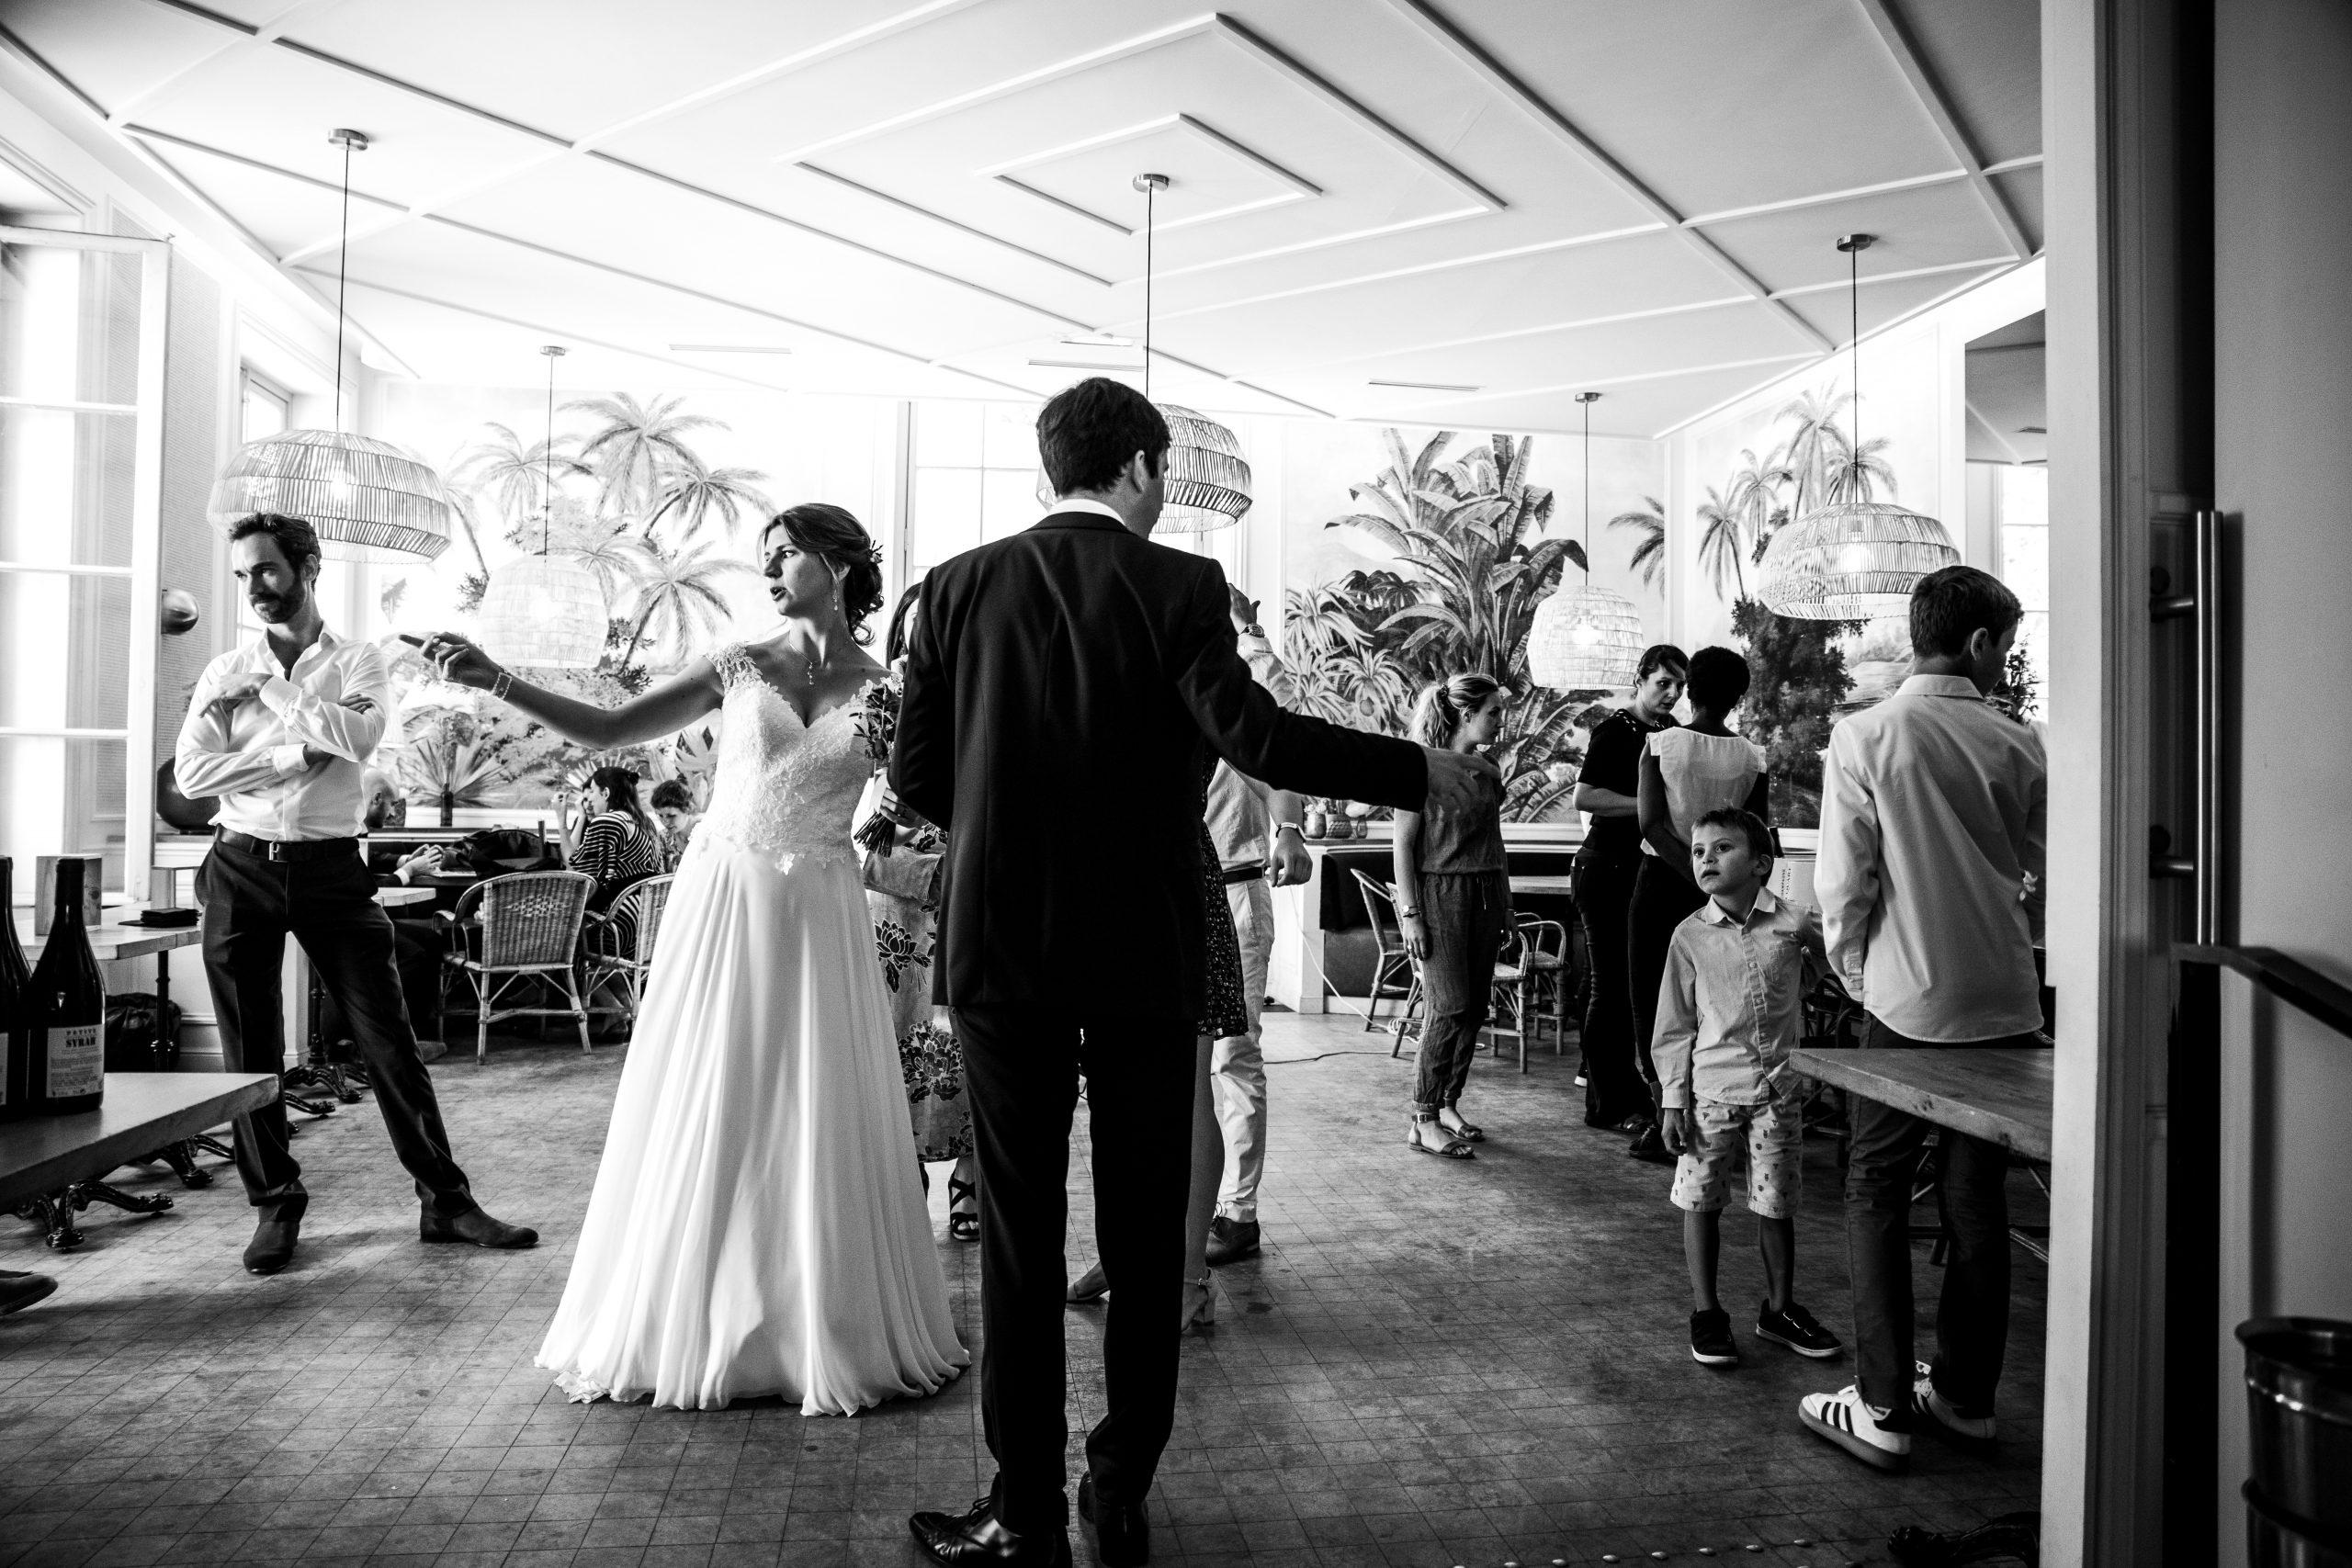 Séance couple mariage - Photographe mariage - Paris - Montpellier - Nice - original - Mariage Ile de France - Réception mariage - Mariage Jardins des plantes - Paris